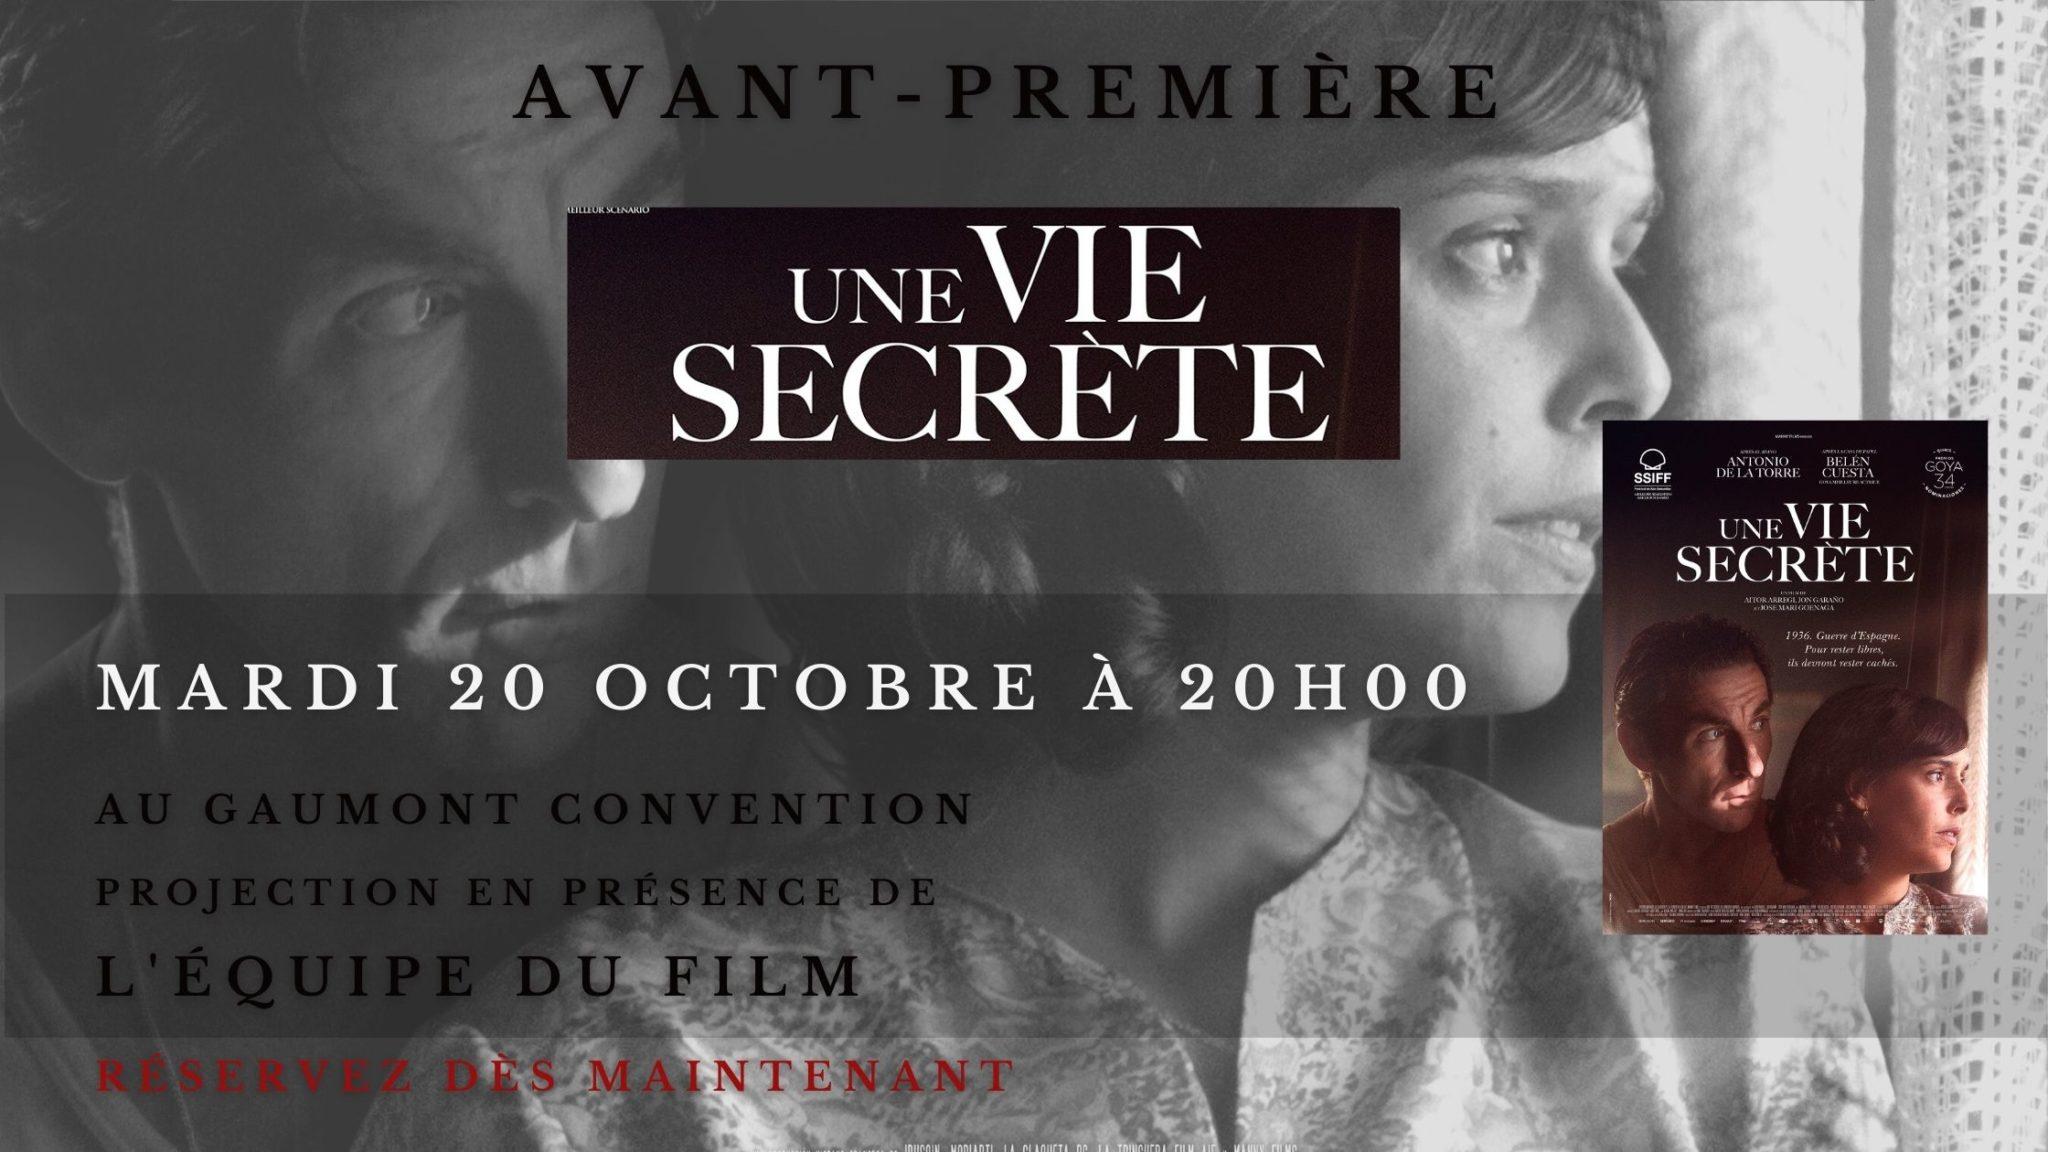 Concours / Gagnez des places pour l'avant-première « Une vie secrète » au Gaumont Convention 7 image